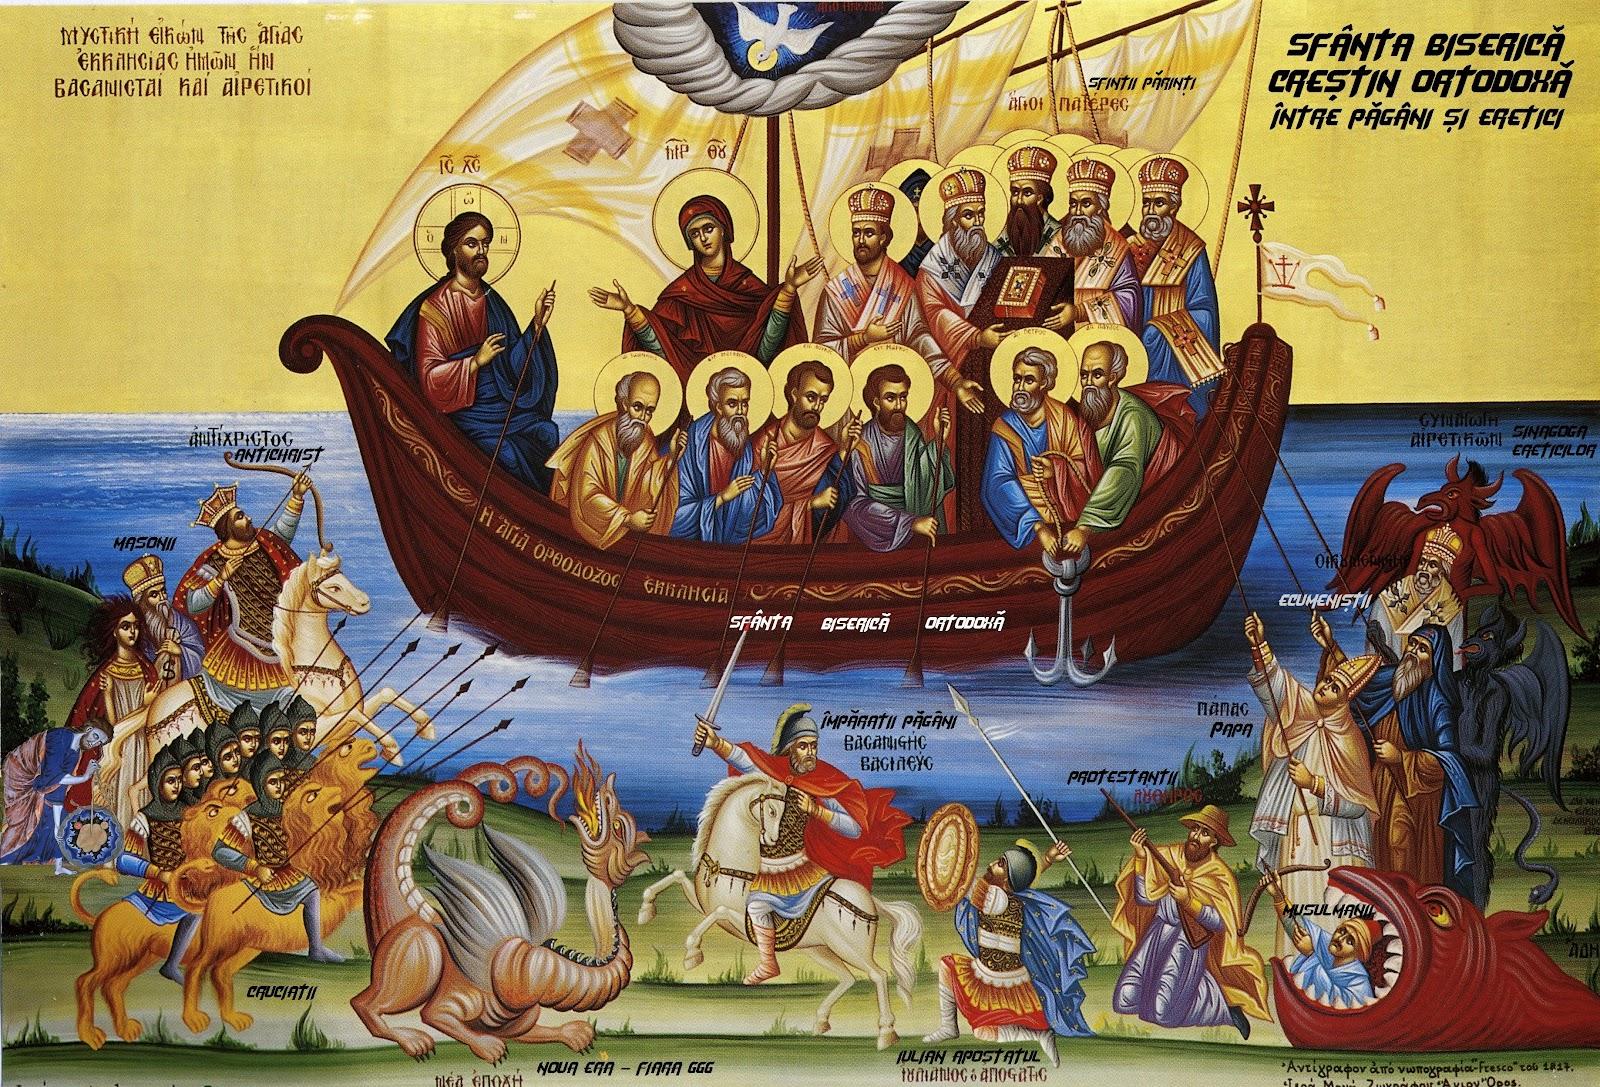 Mărturiile Sfinților Părinți privind îngrădirea de erezie